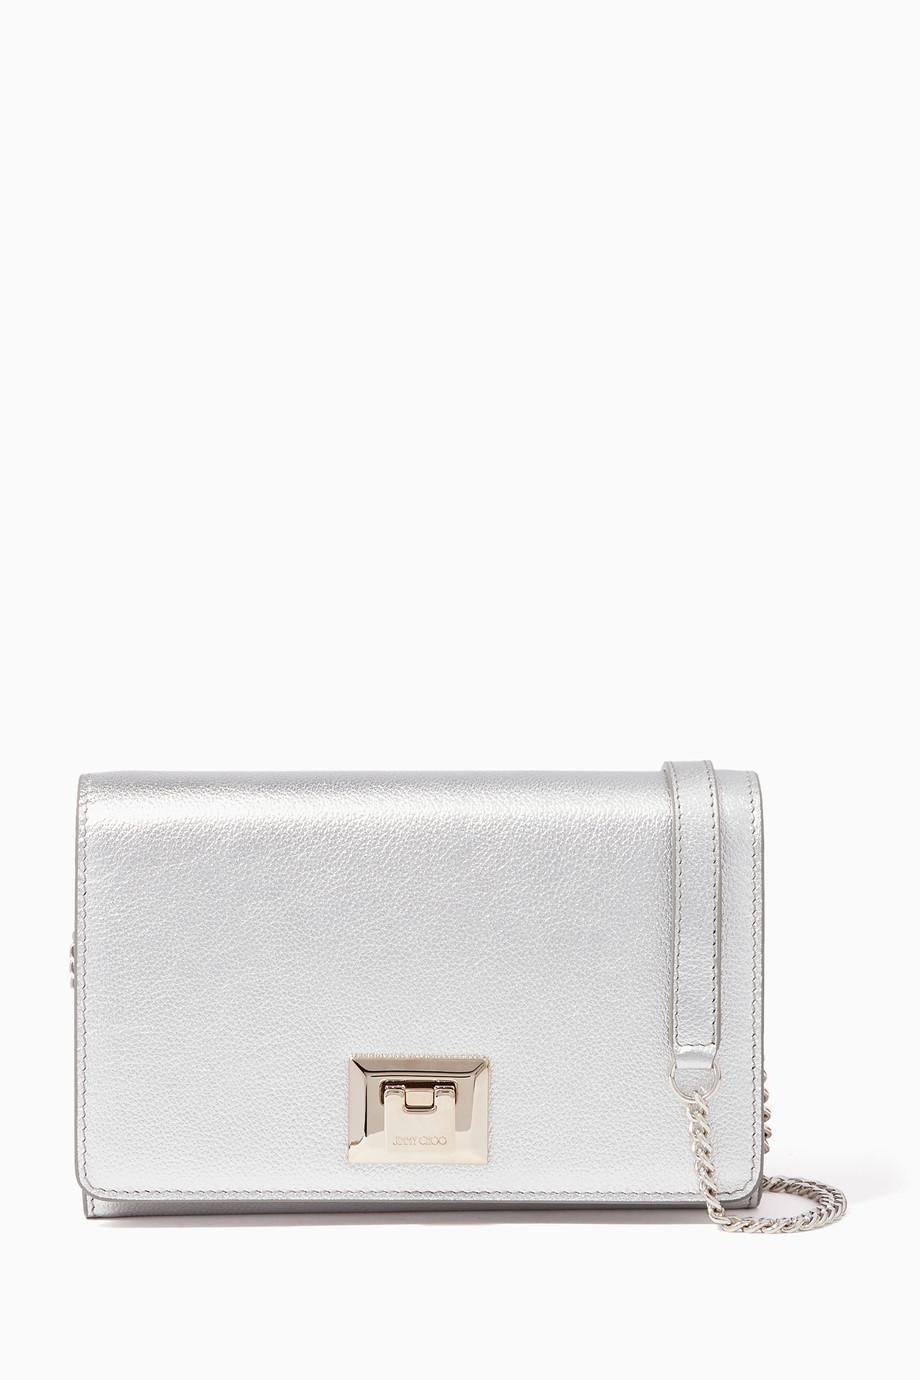 5863c9c7930ba تسوق حقيبة دافين جلد صغيرة فضية Jimmy Choo فضي للنساء